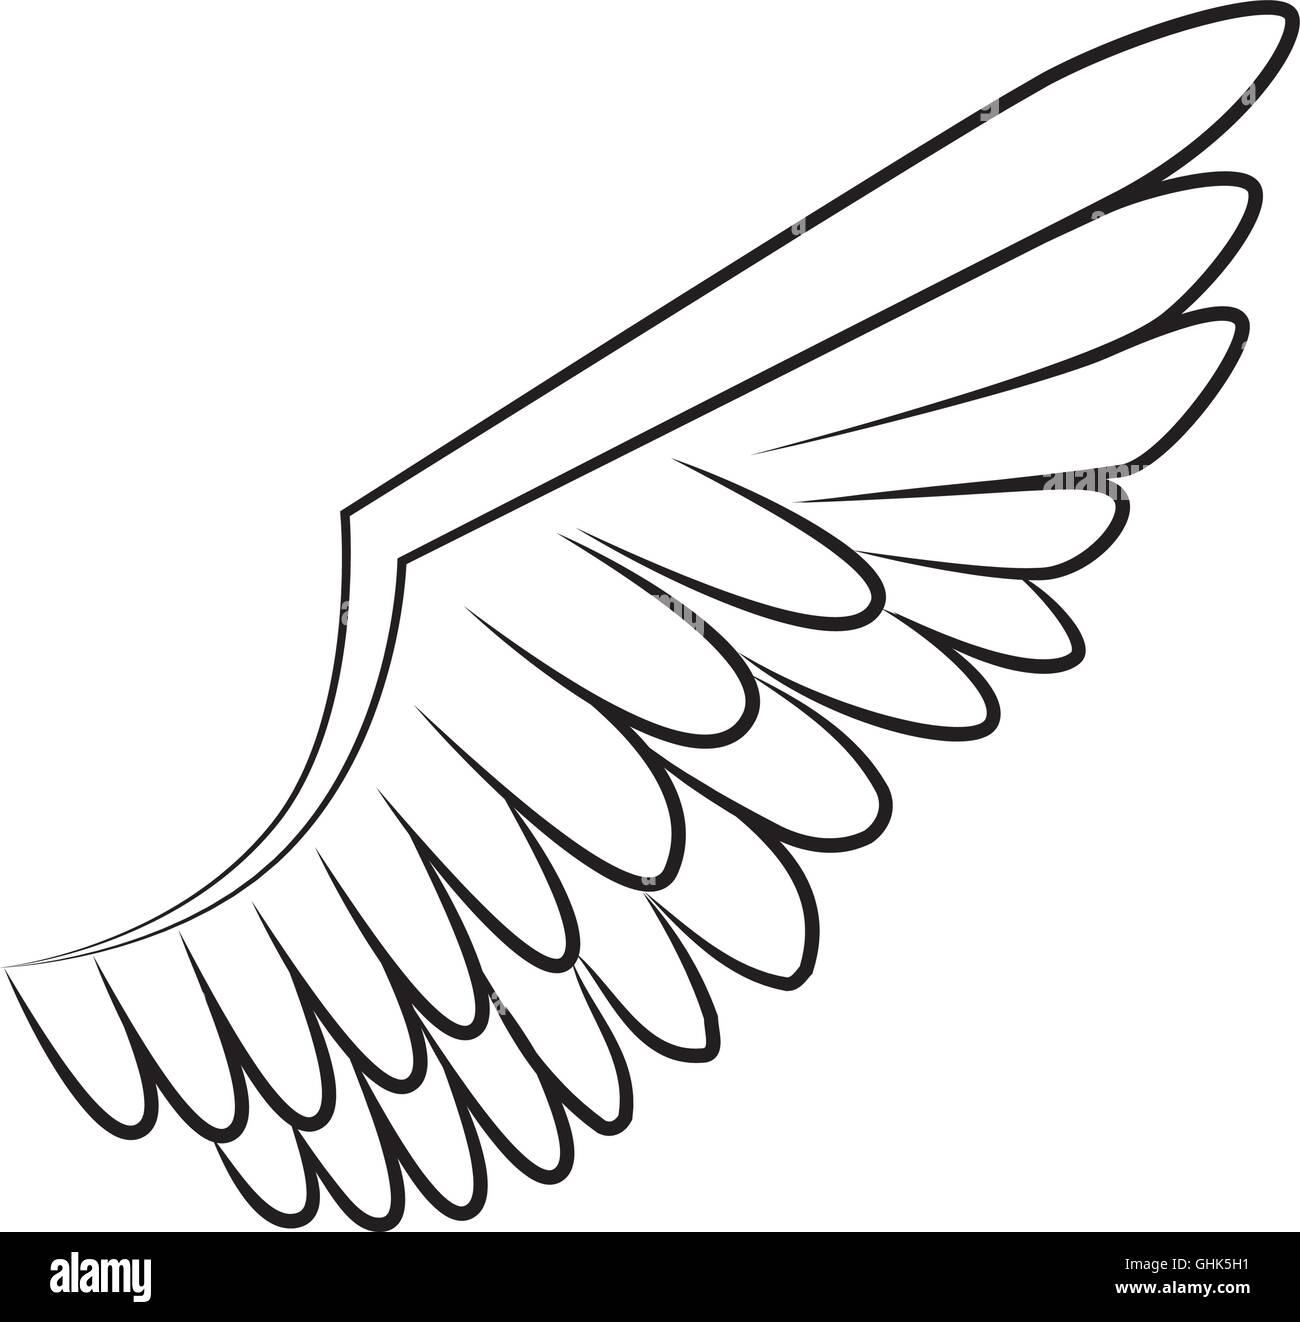 Groß Vogelflügel Anatomie Diagramm Ideen - Anatomie Von Menschlichen ...